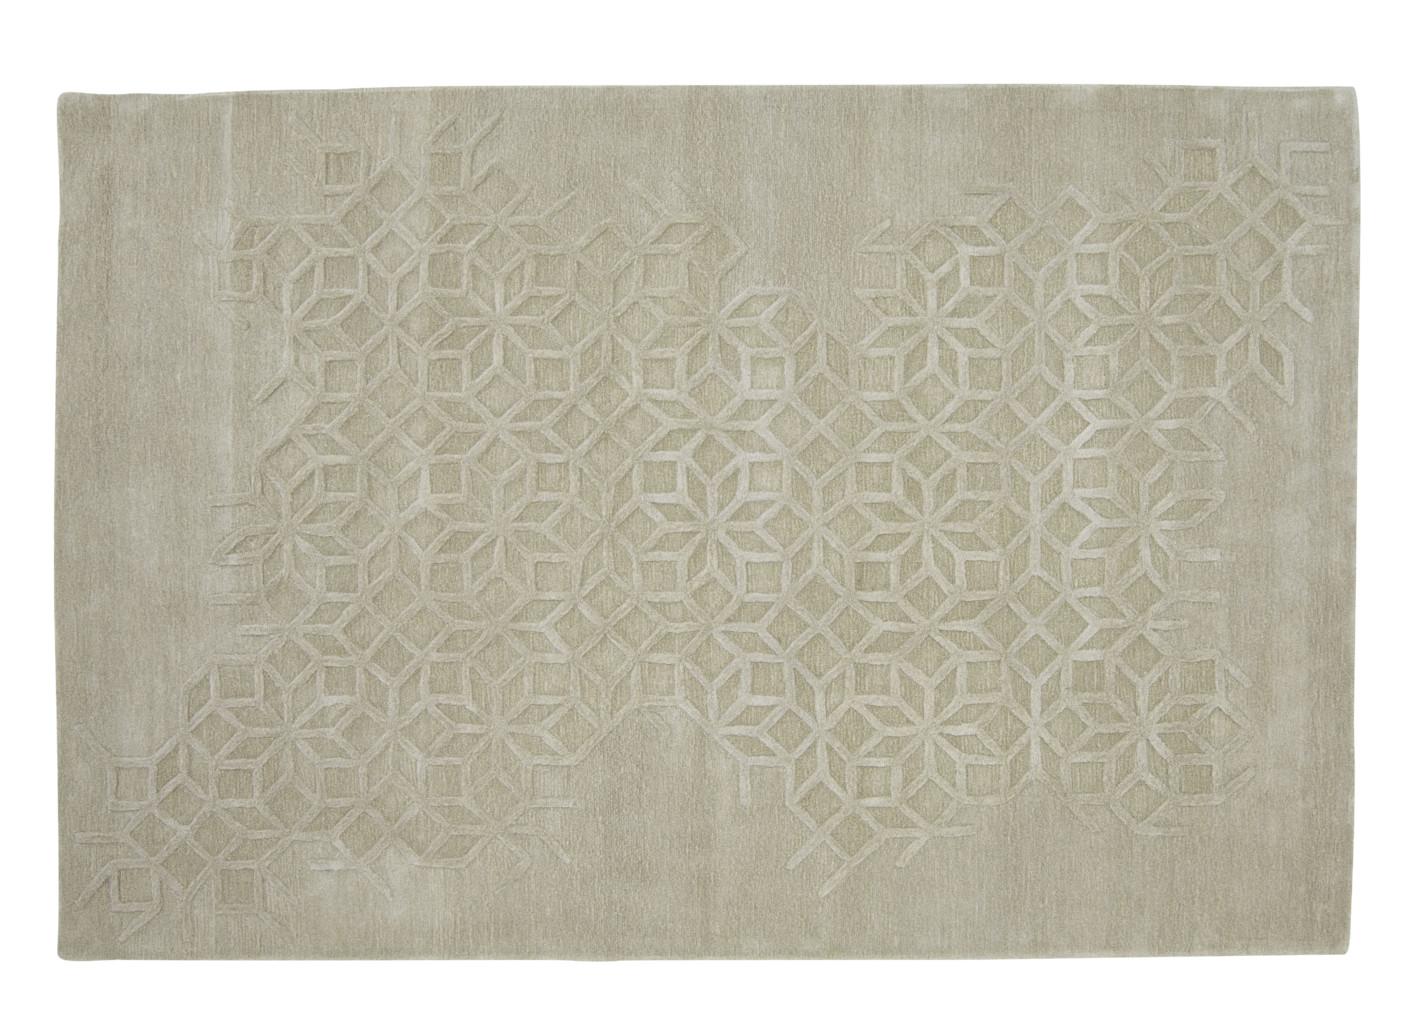 ligne roset teppich teppich hex hex von ligne roset auf teppich rope ligne roset menhir ligne. Black Bedroom Furniture Sets. Home Design Ideas